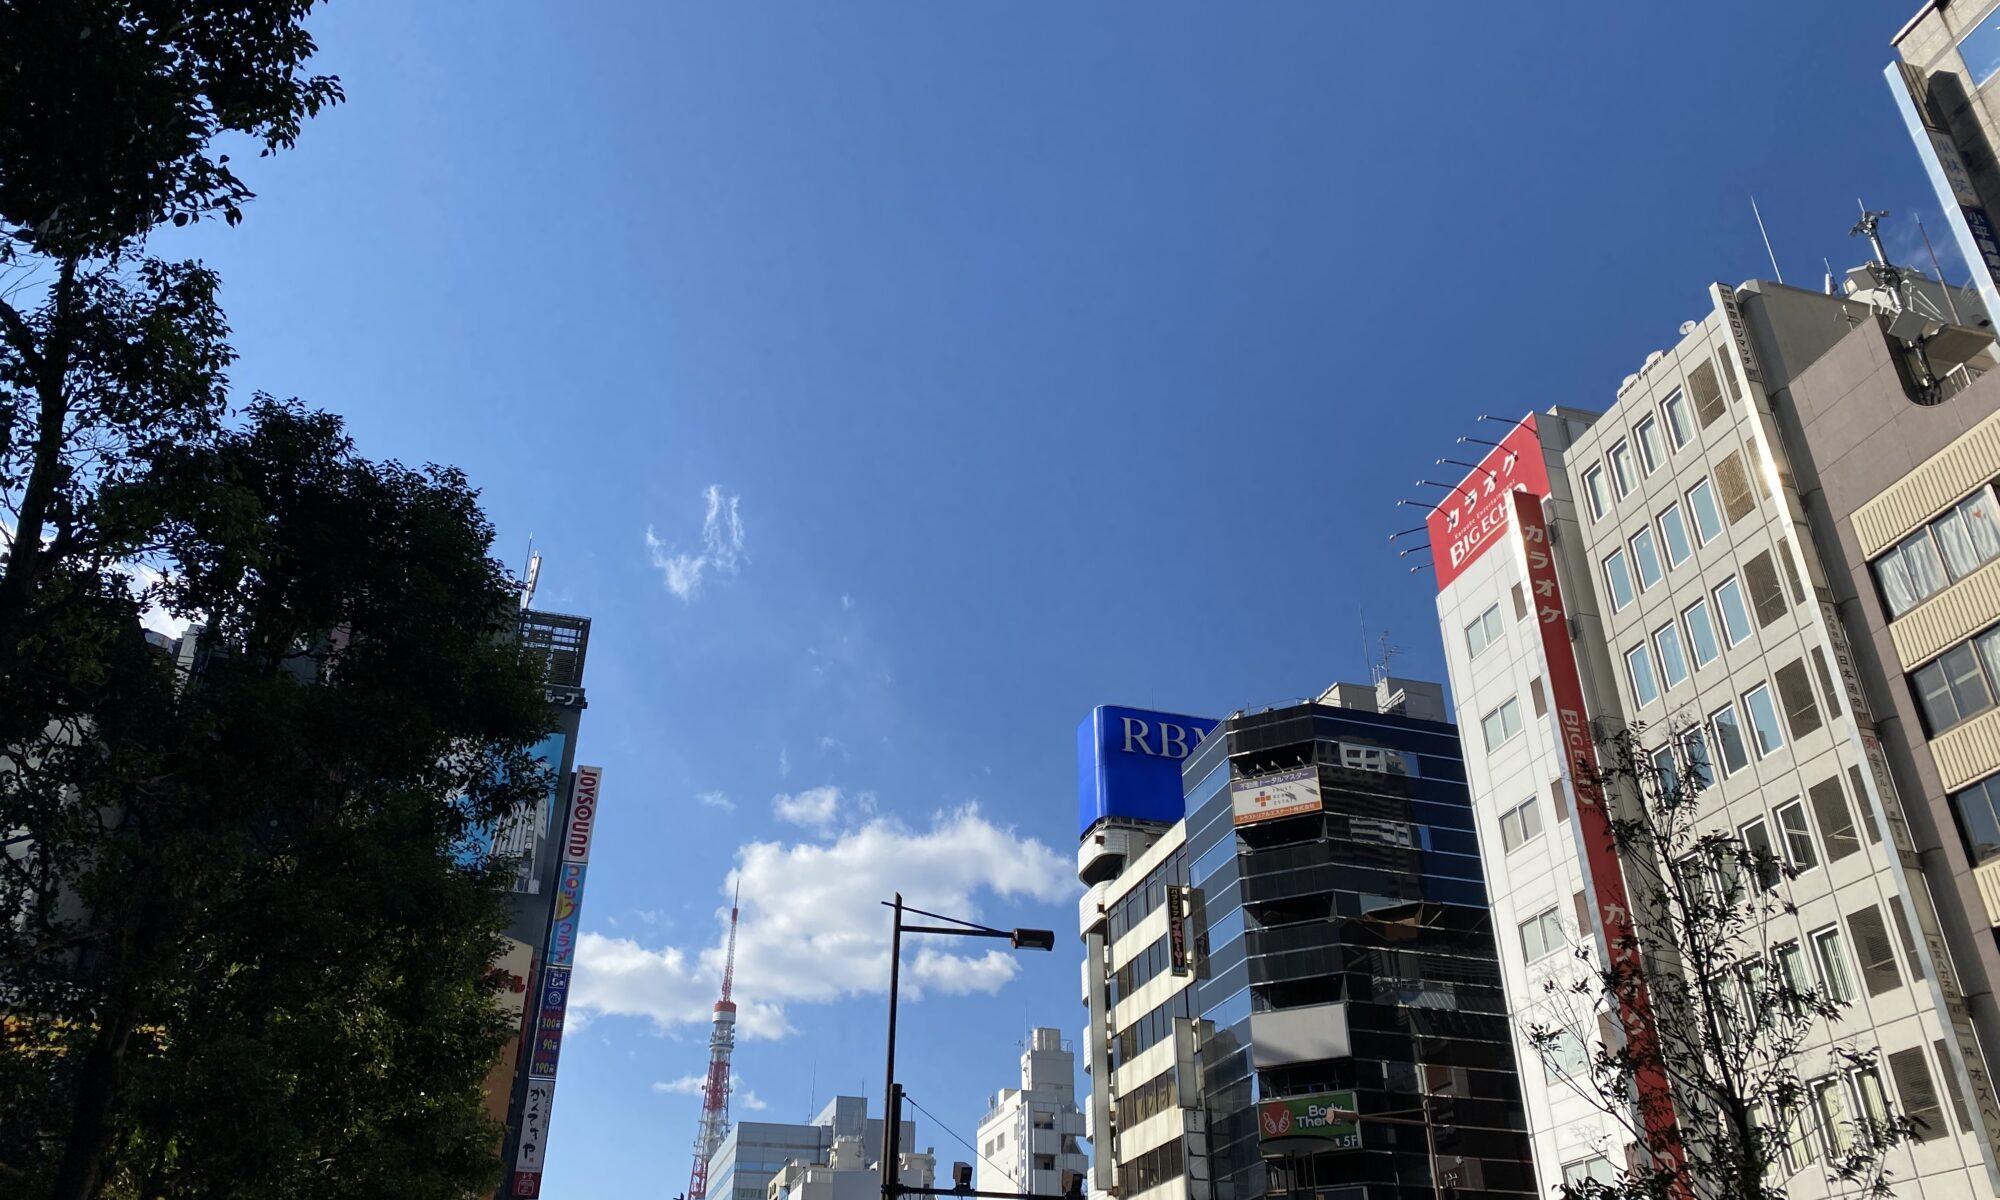 東京・浜松町の街並み。